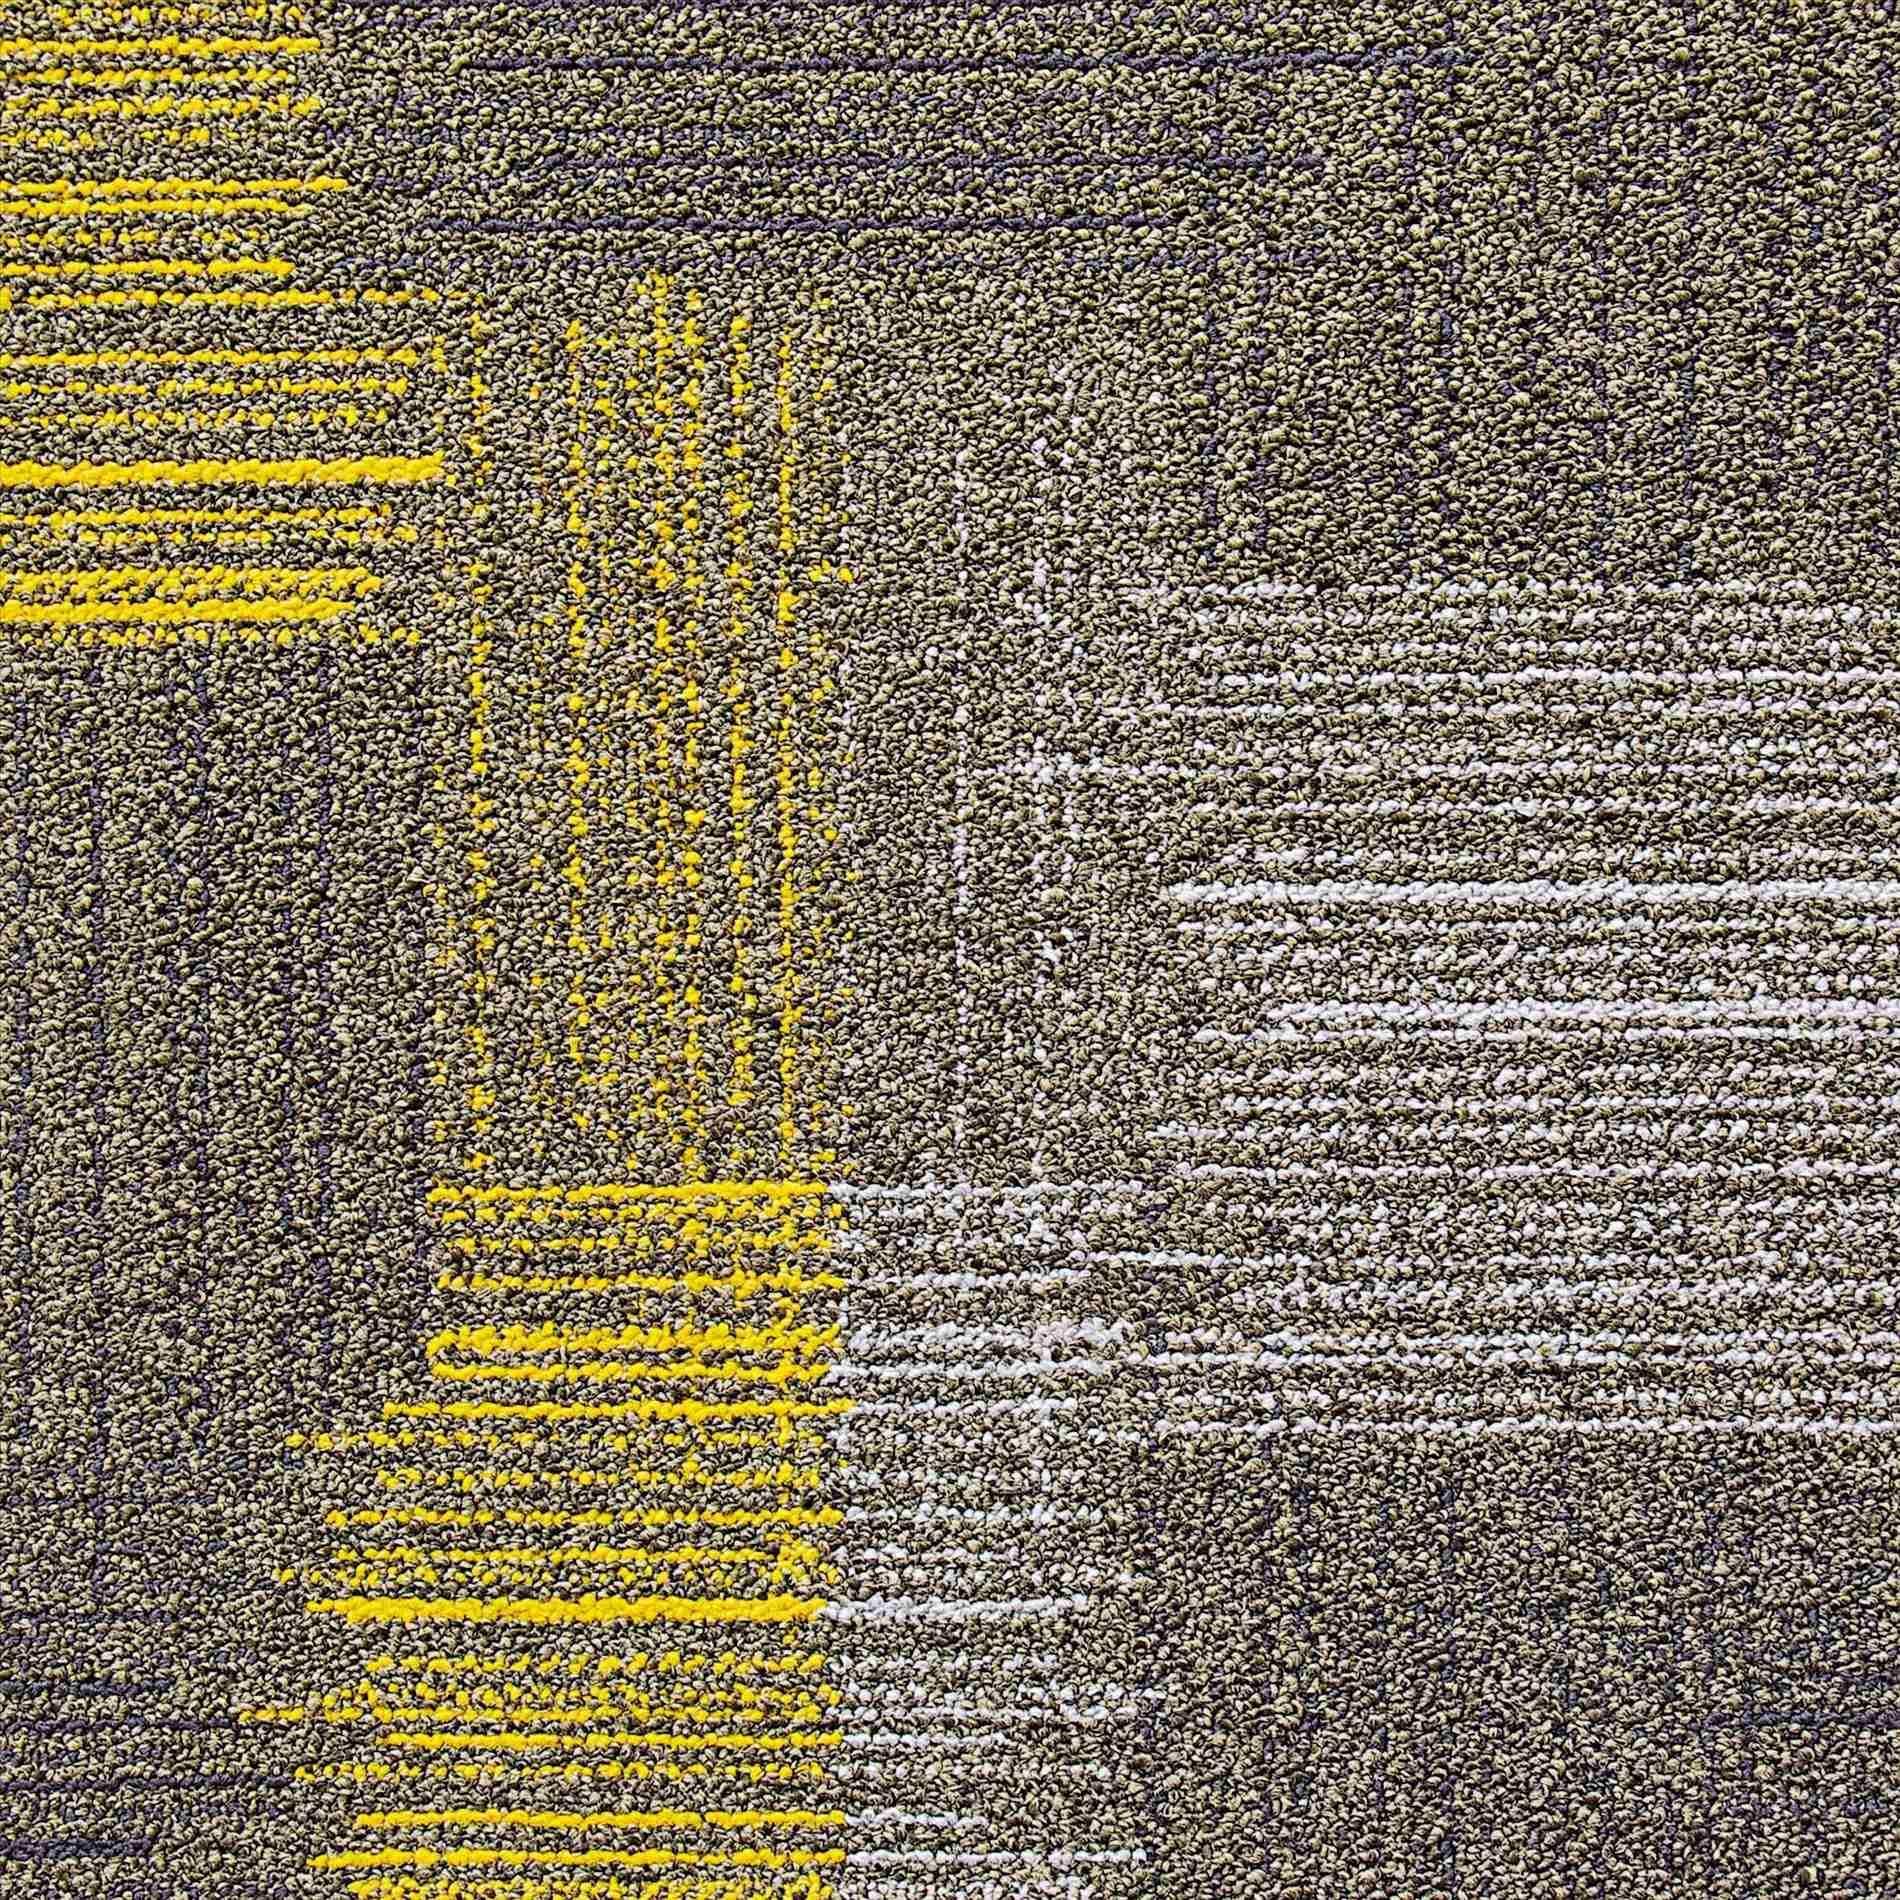 Pin oleh GrantOutBoxed di What we like_Carpet textures